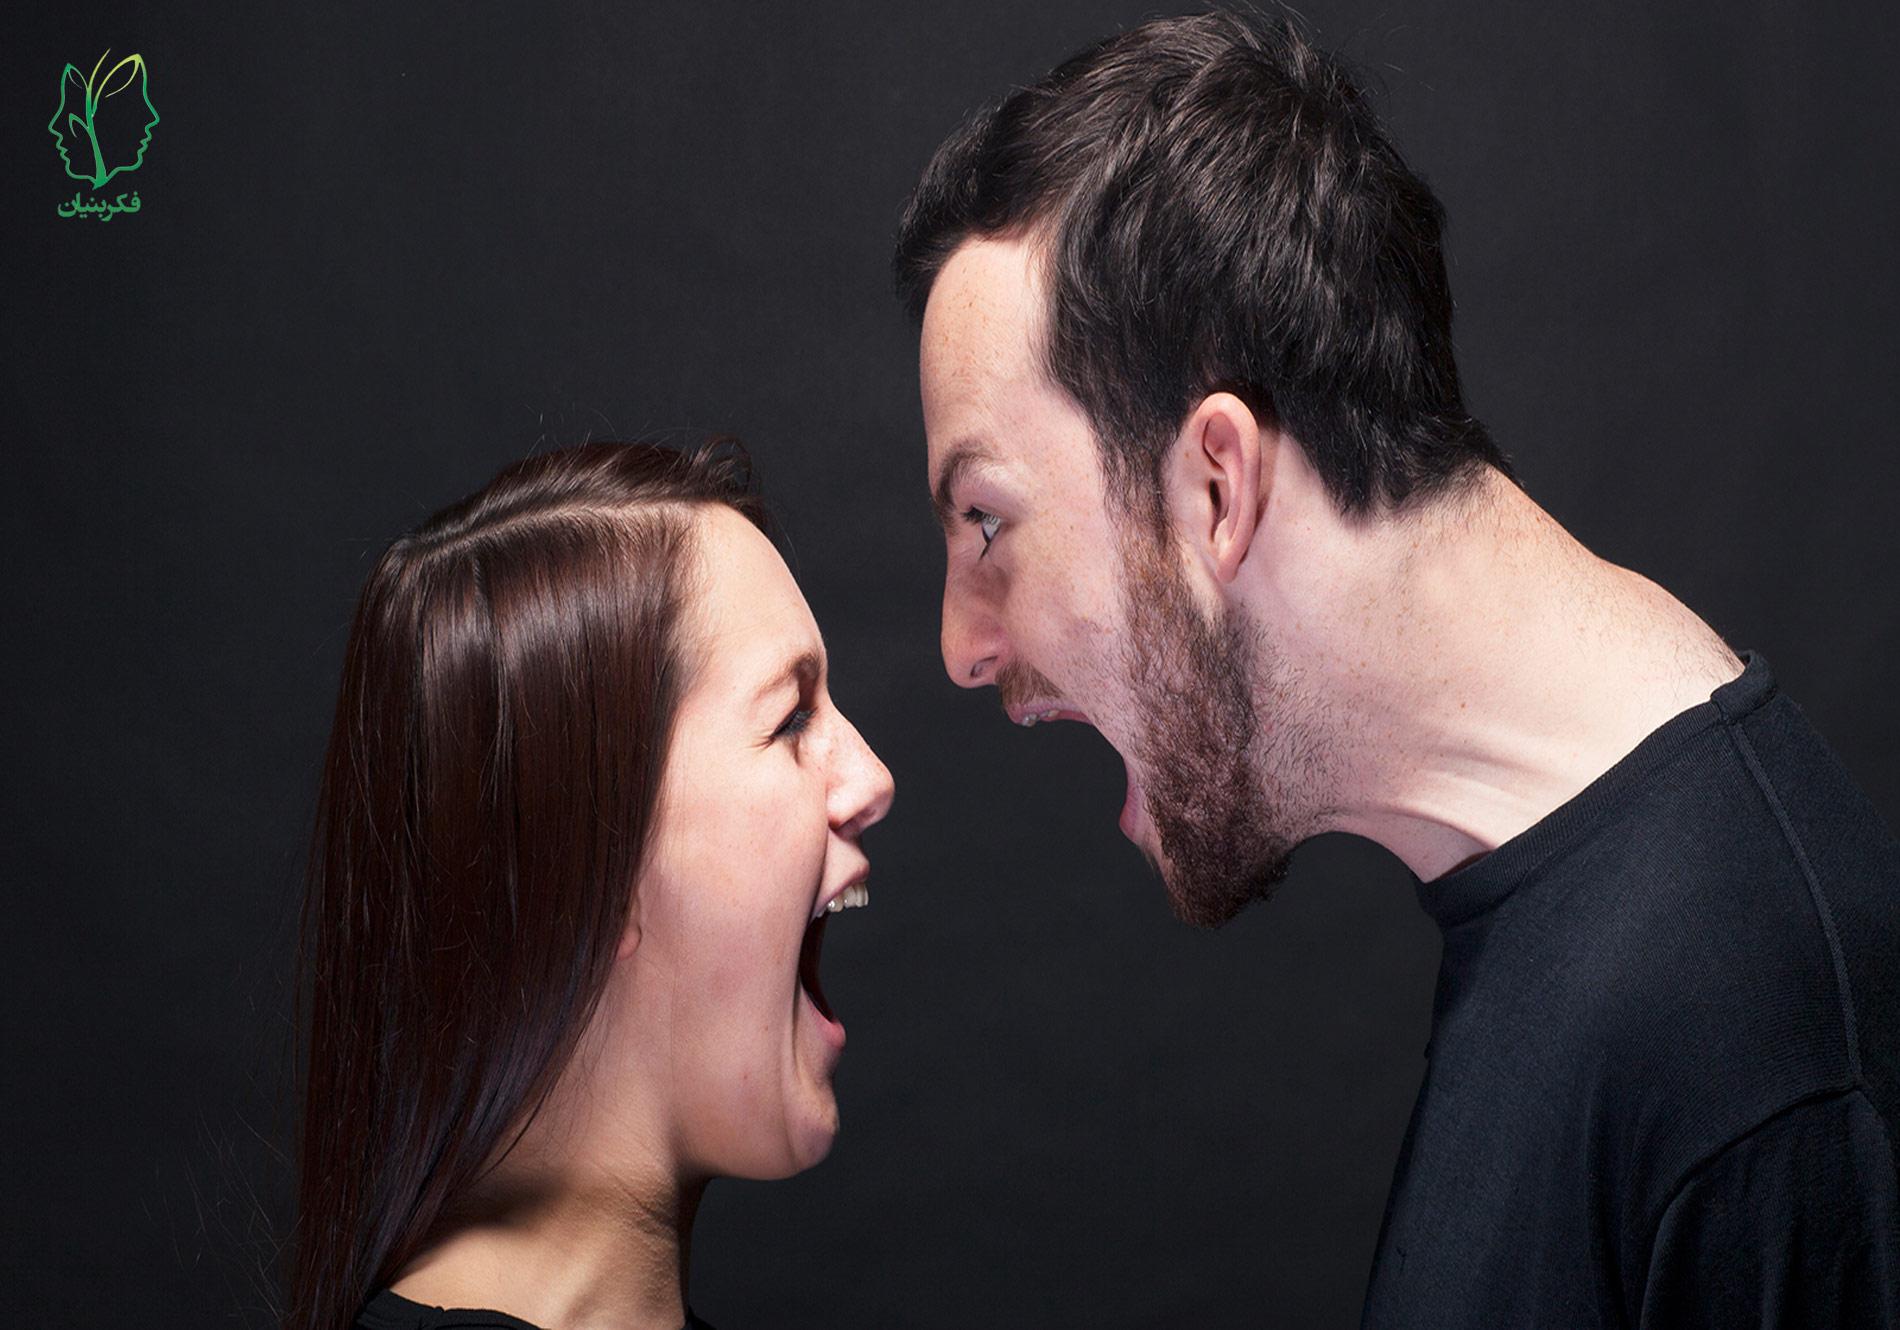 چگونه از مشاجره بپرهیزیم؟